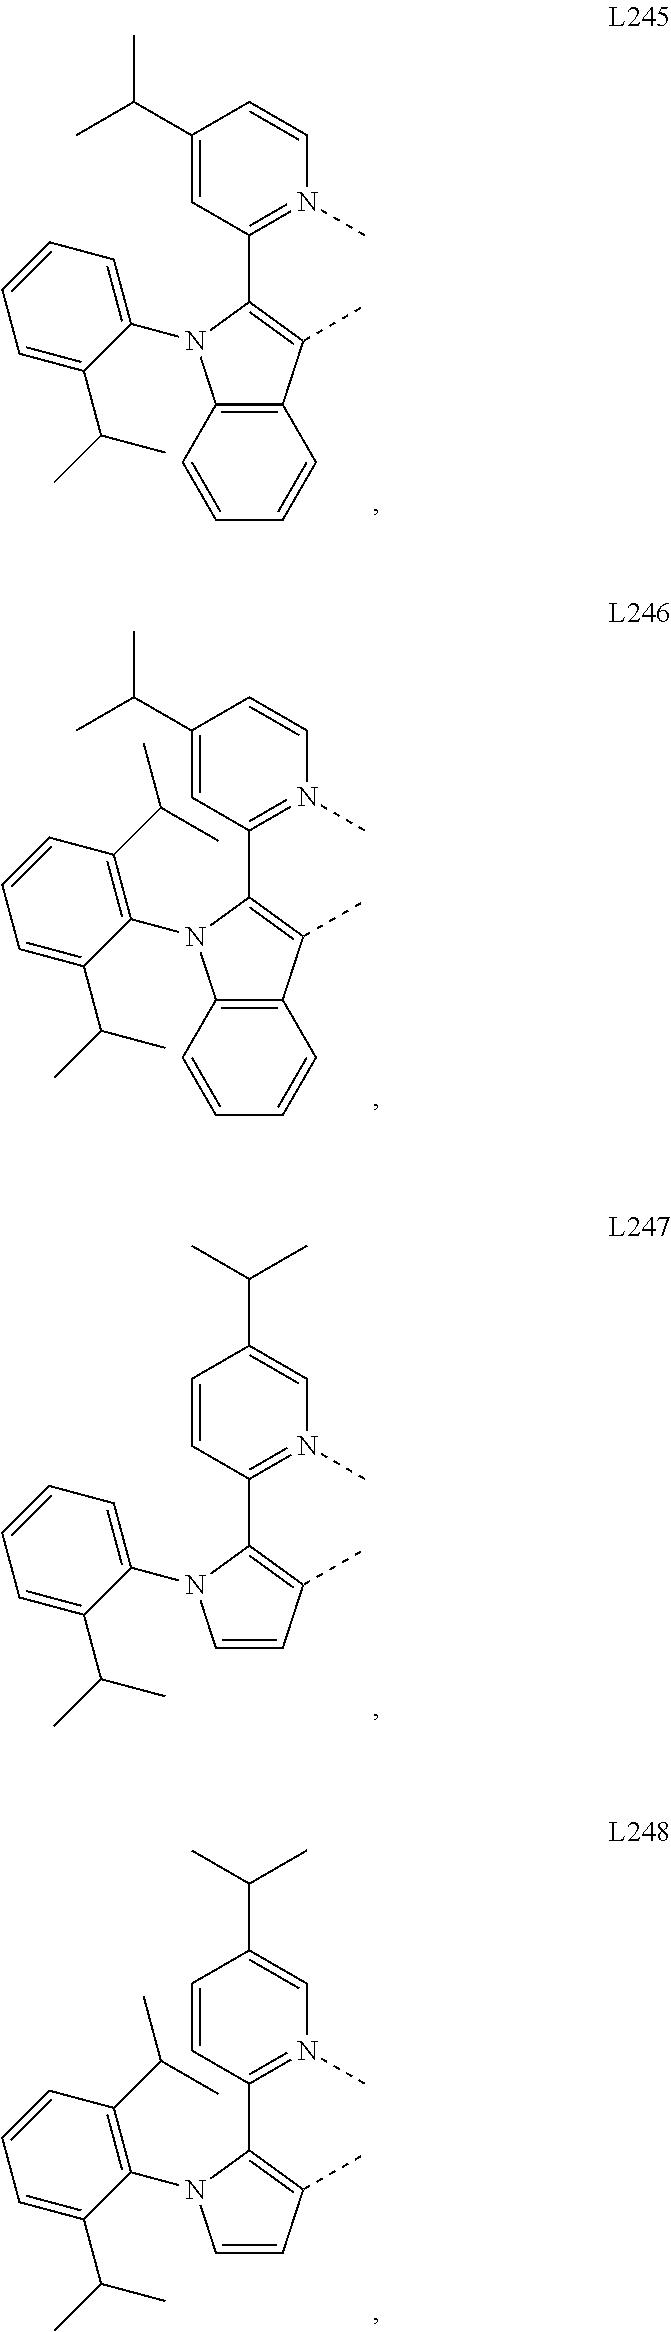 Figure US09935277-20180403-C00055